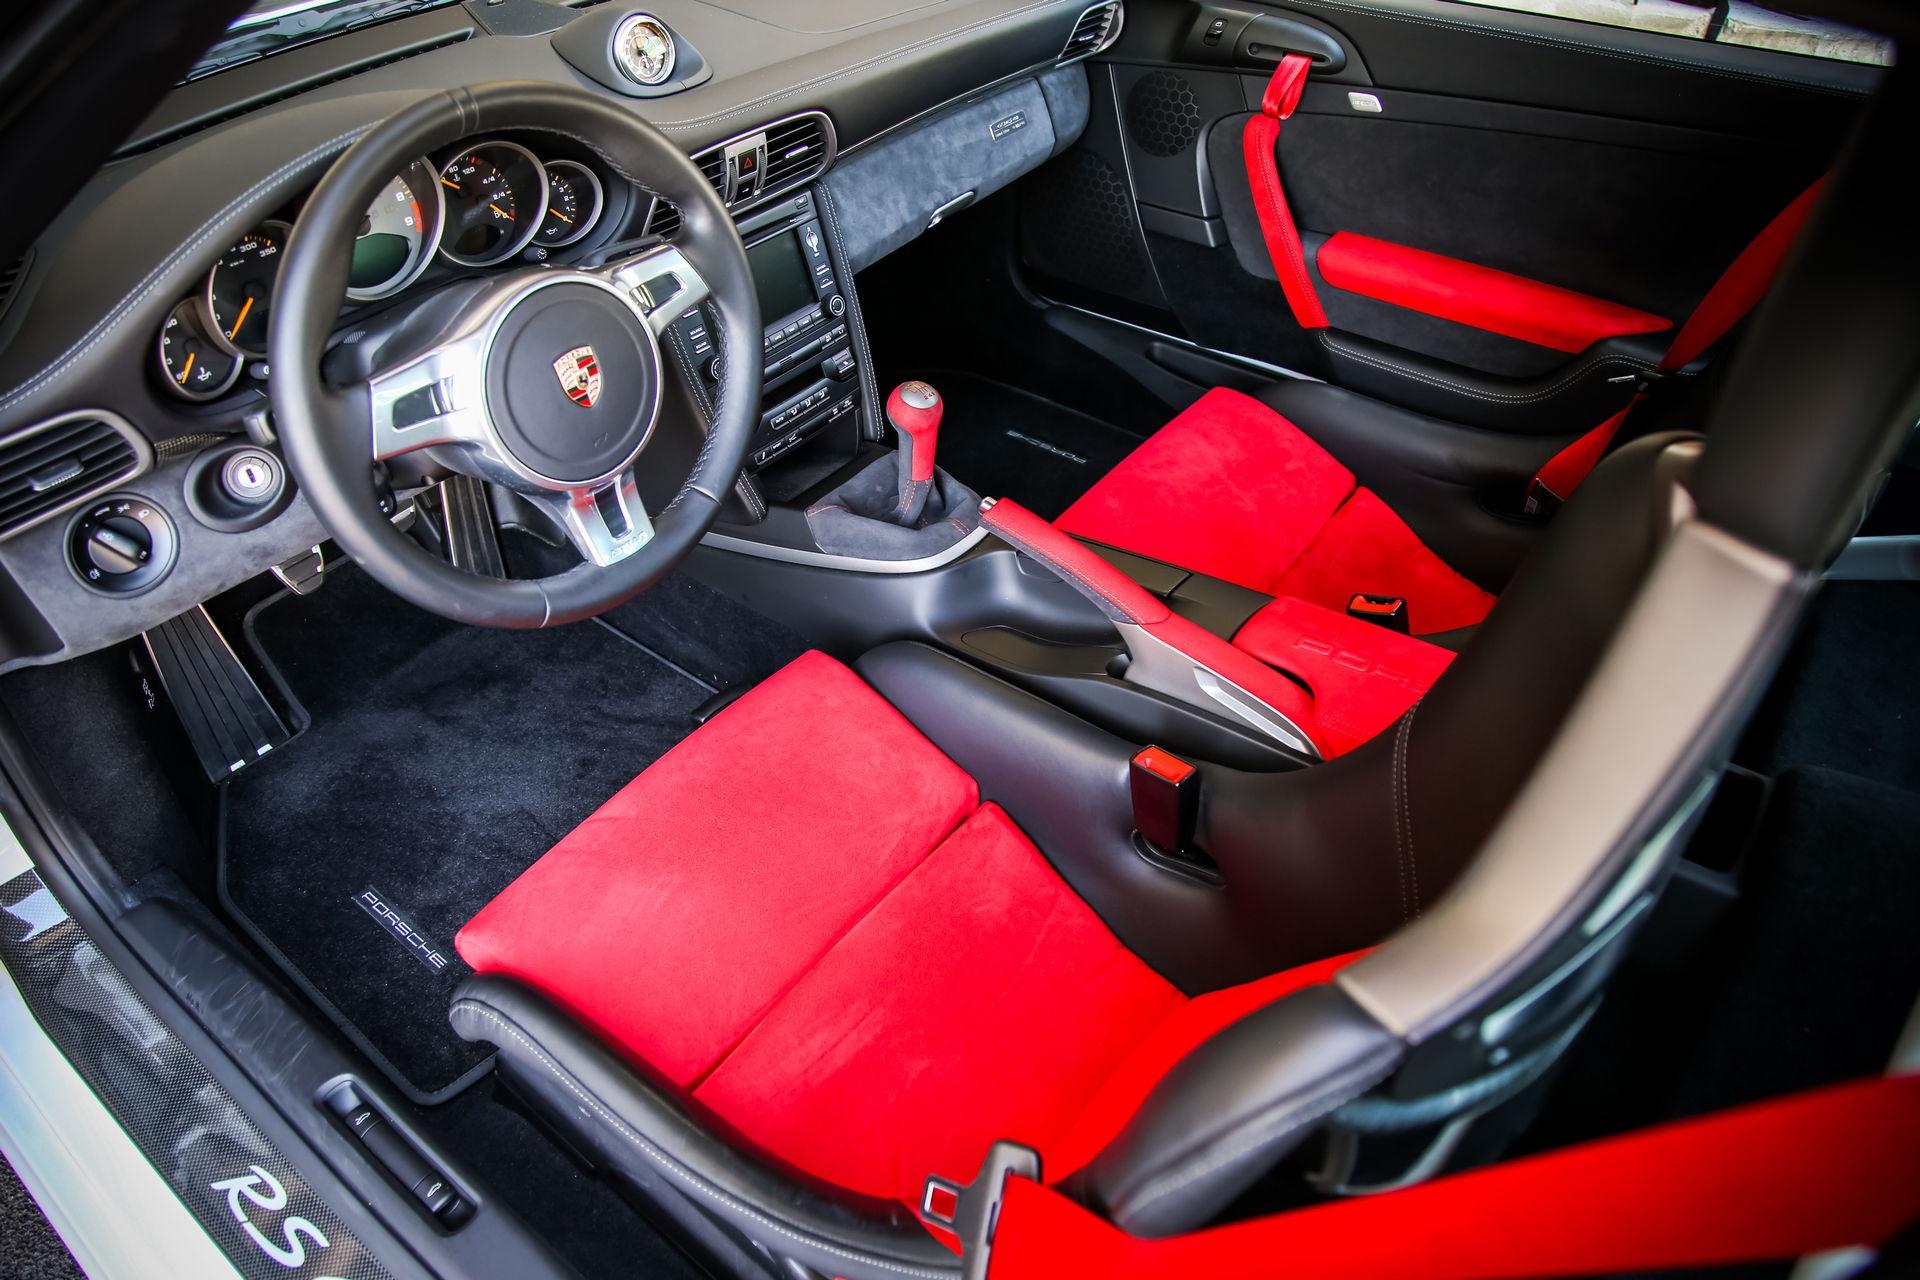 Ngam nhin Porsche 911 GT3 RS 4.0 2011 phien ban gioi han dac biet anh 9